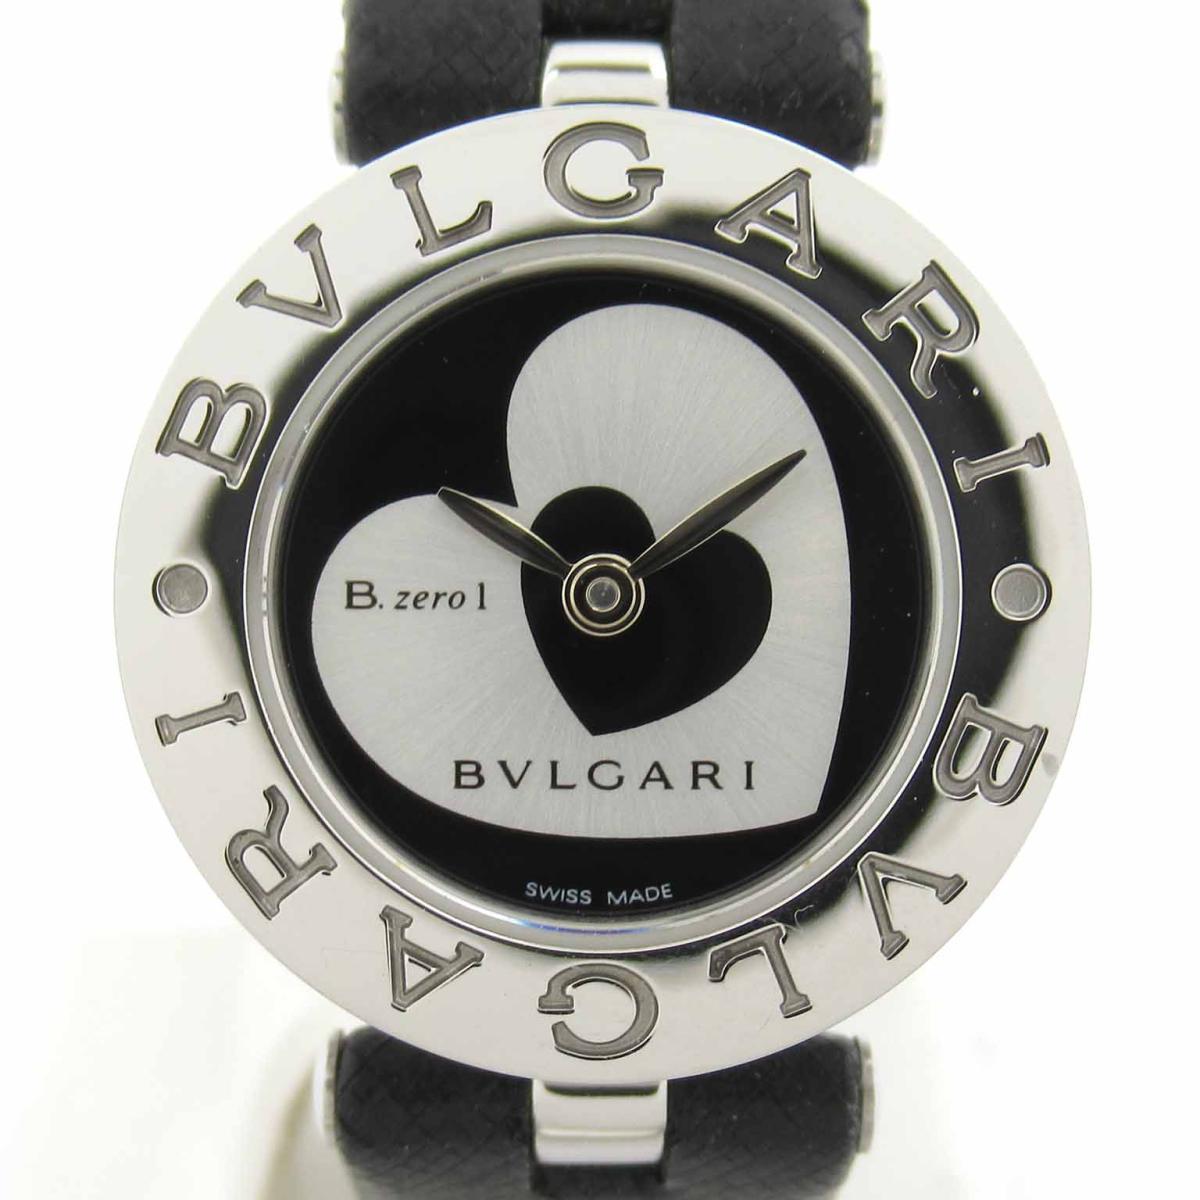 ≪期間限定≫メルマガ登録でクーポンGET! 【中古】 ブルガリ B-zero1 ダブルハート ウォッチ 腕時計 レディース ステンレススチール (SS) レザーベルト (BZ22S) | BVLGARI BRANDOFF ブランドオフ ブランド ブランド時計 ブランド腕時計 時計